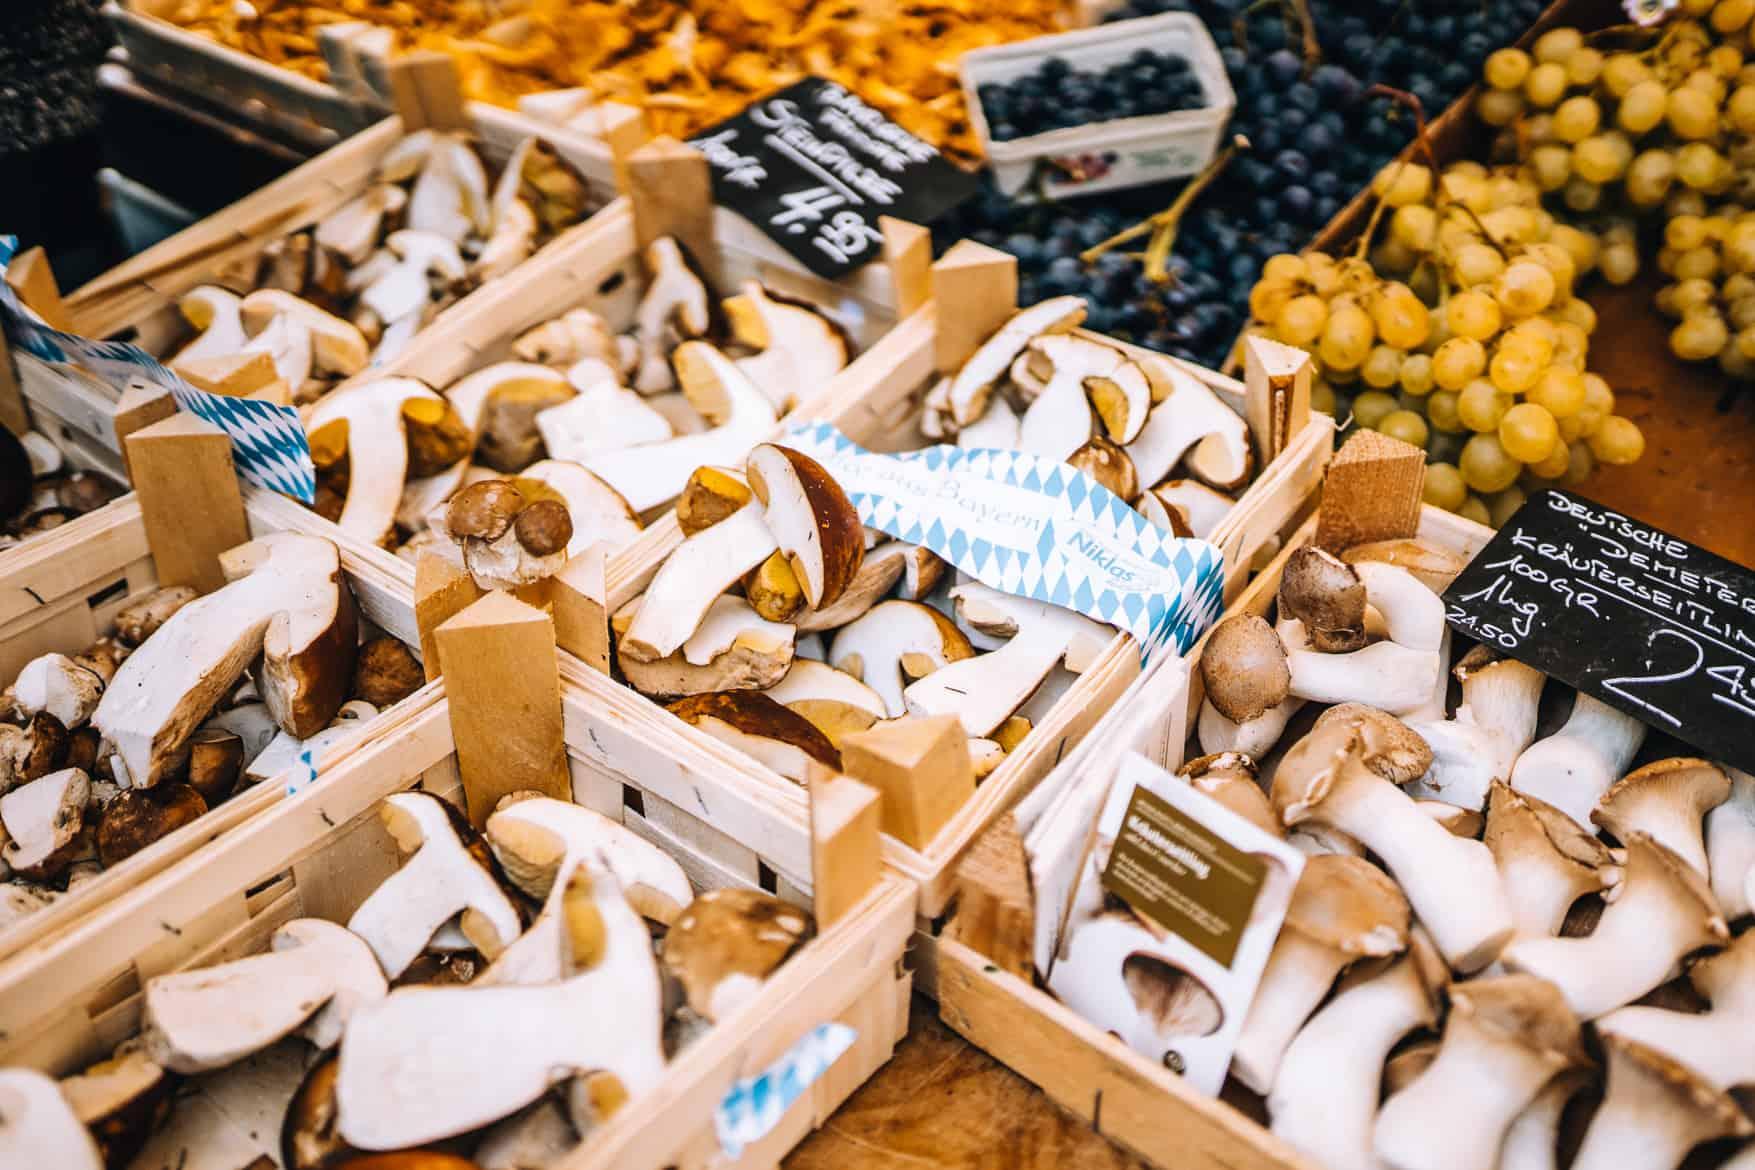 Stuttgart im Herbst - Cannstatter Wasen, Kürbisfestival & #tastyStuttgart: Pilze auf dem Stuttgarter Wochenmarkt